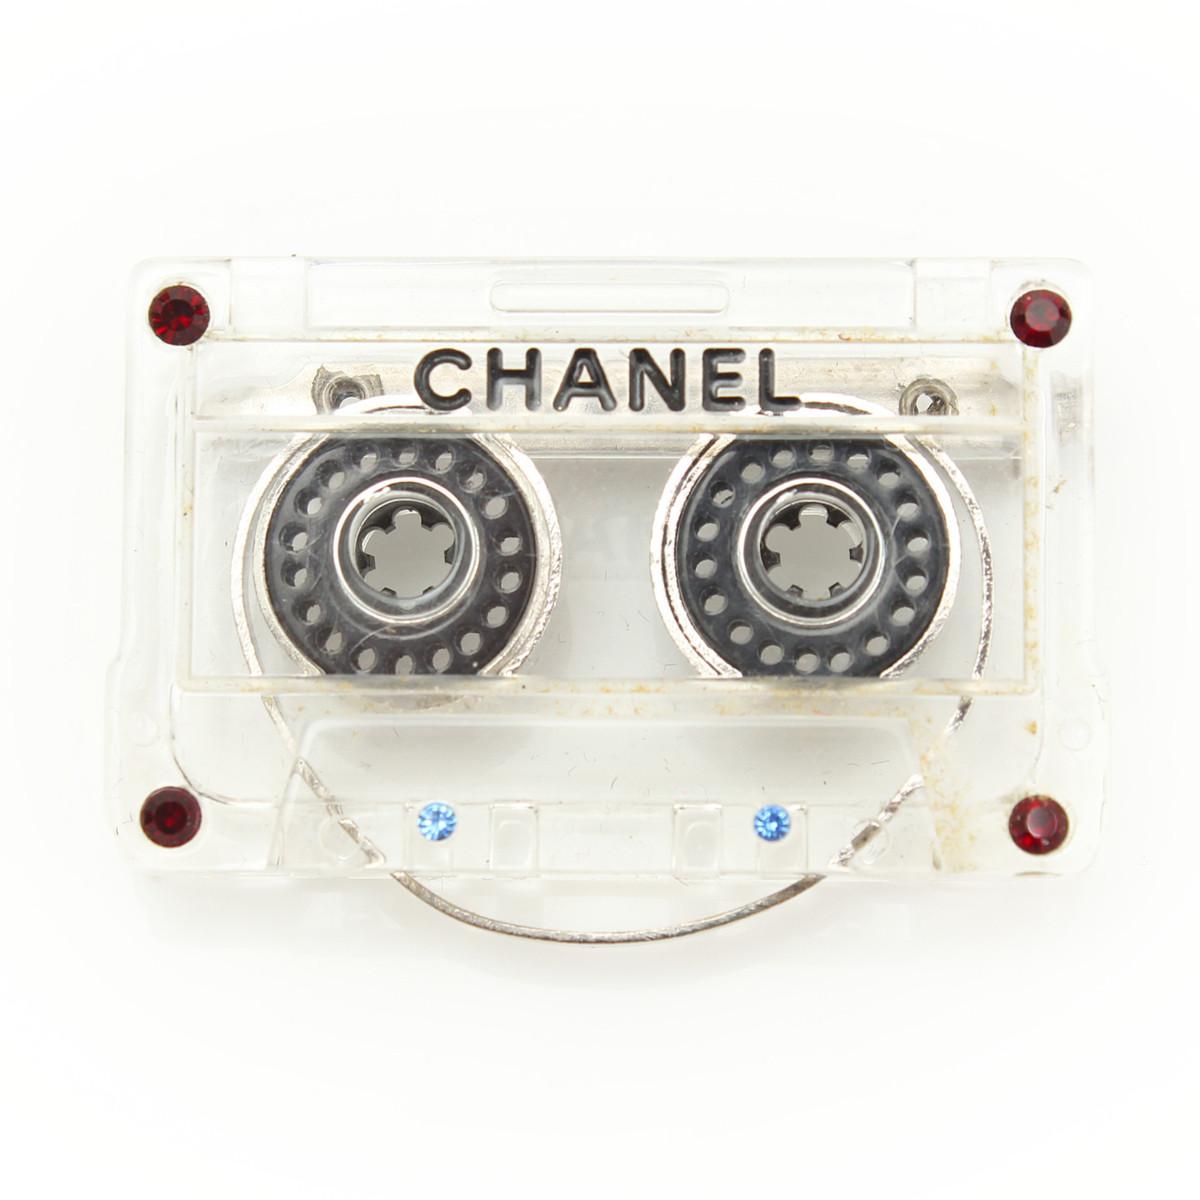 【シャネル】Chanel 04P カセットテープ ブローチ クリア ラインストーン 【中古】【鑑定済・正規品保証】【送料無料】29395